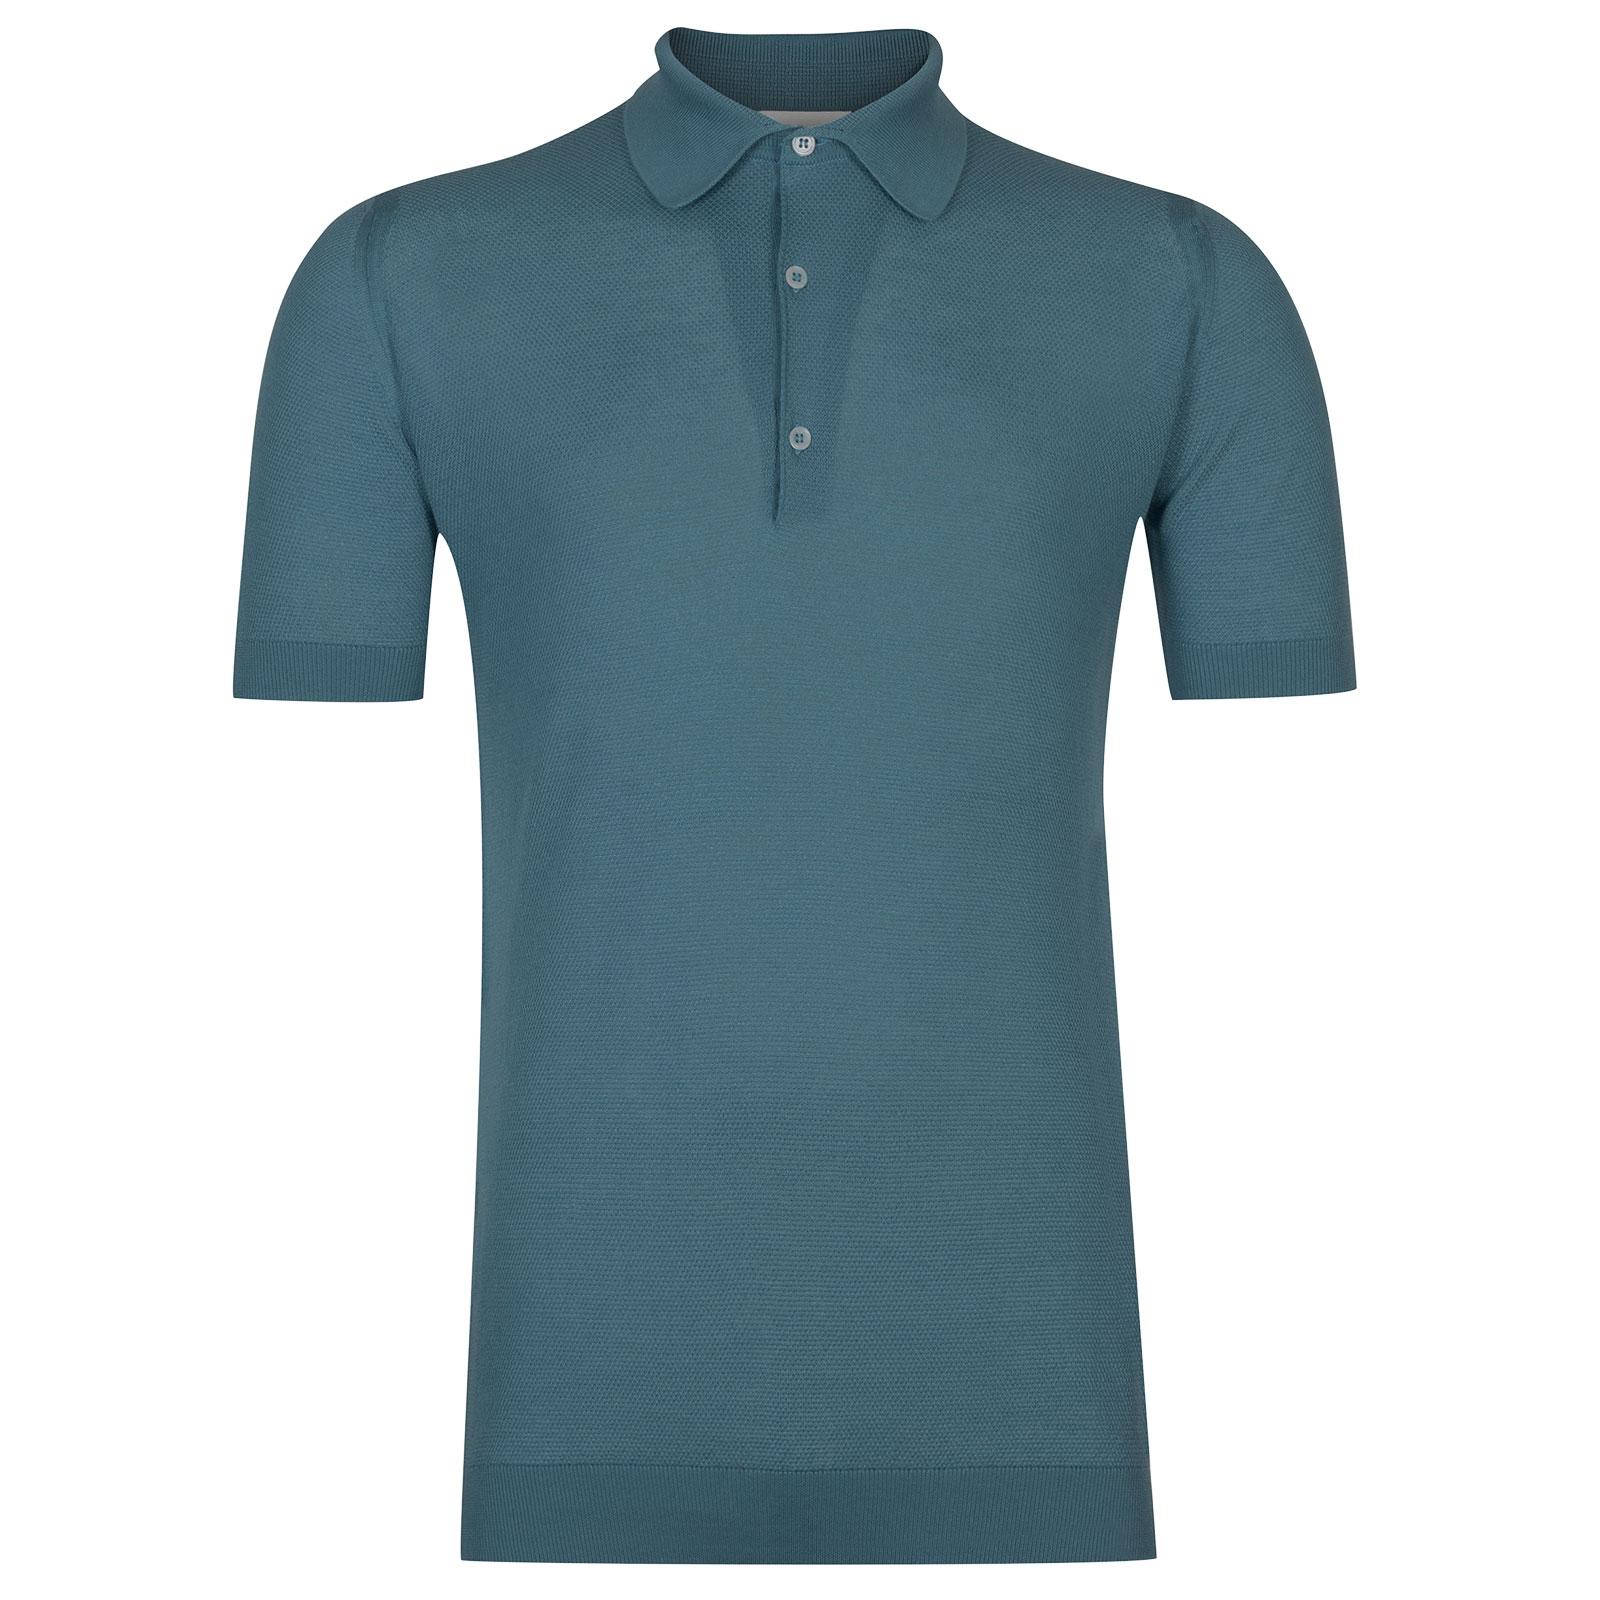 John Smedley Roth in Dewdrop Blue Shirt-XXL